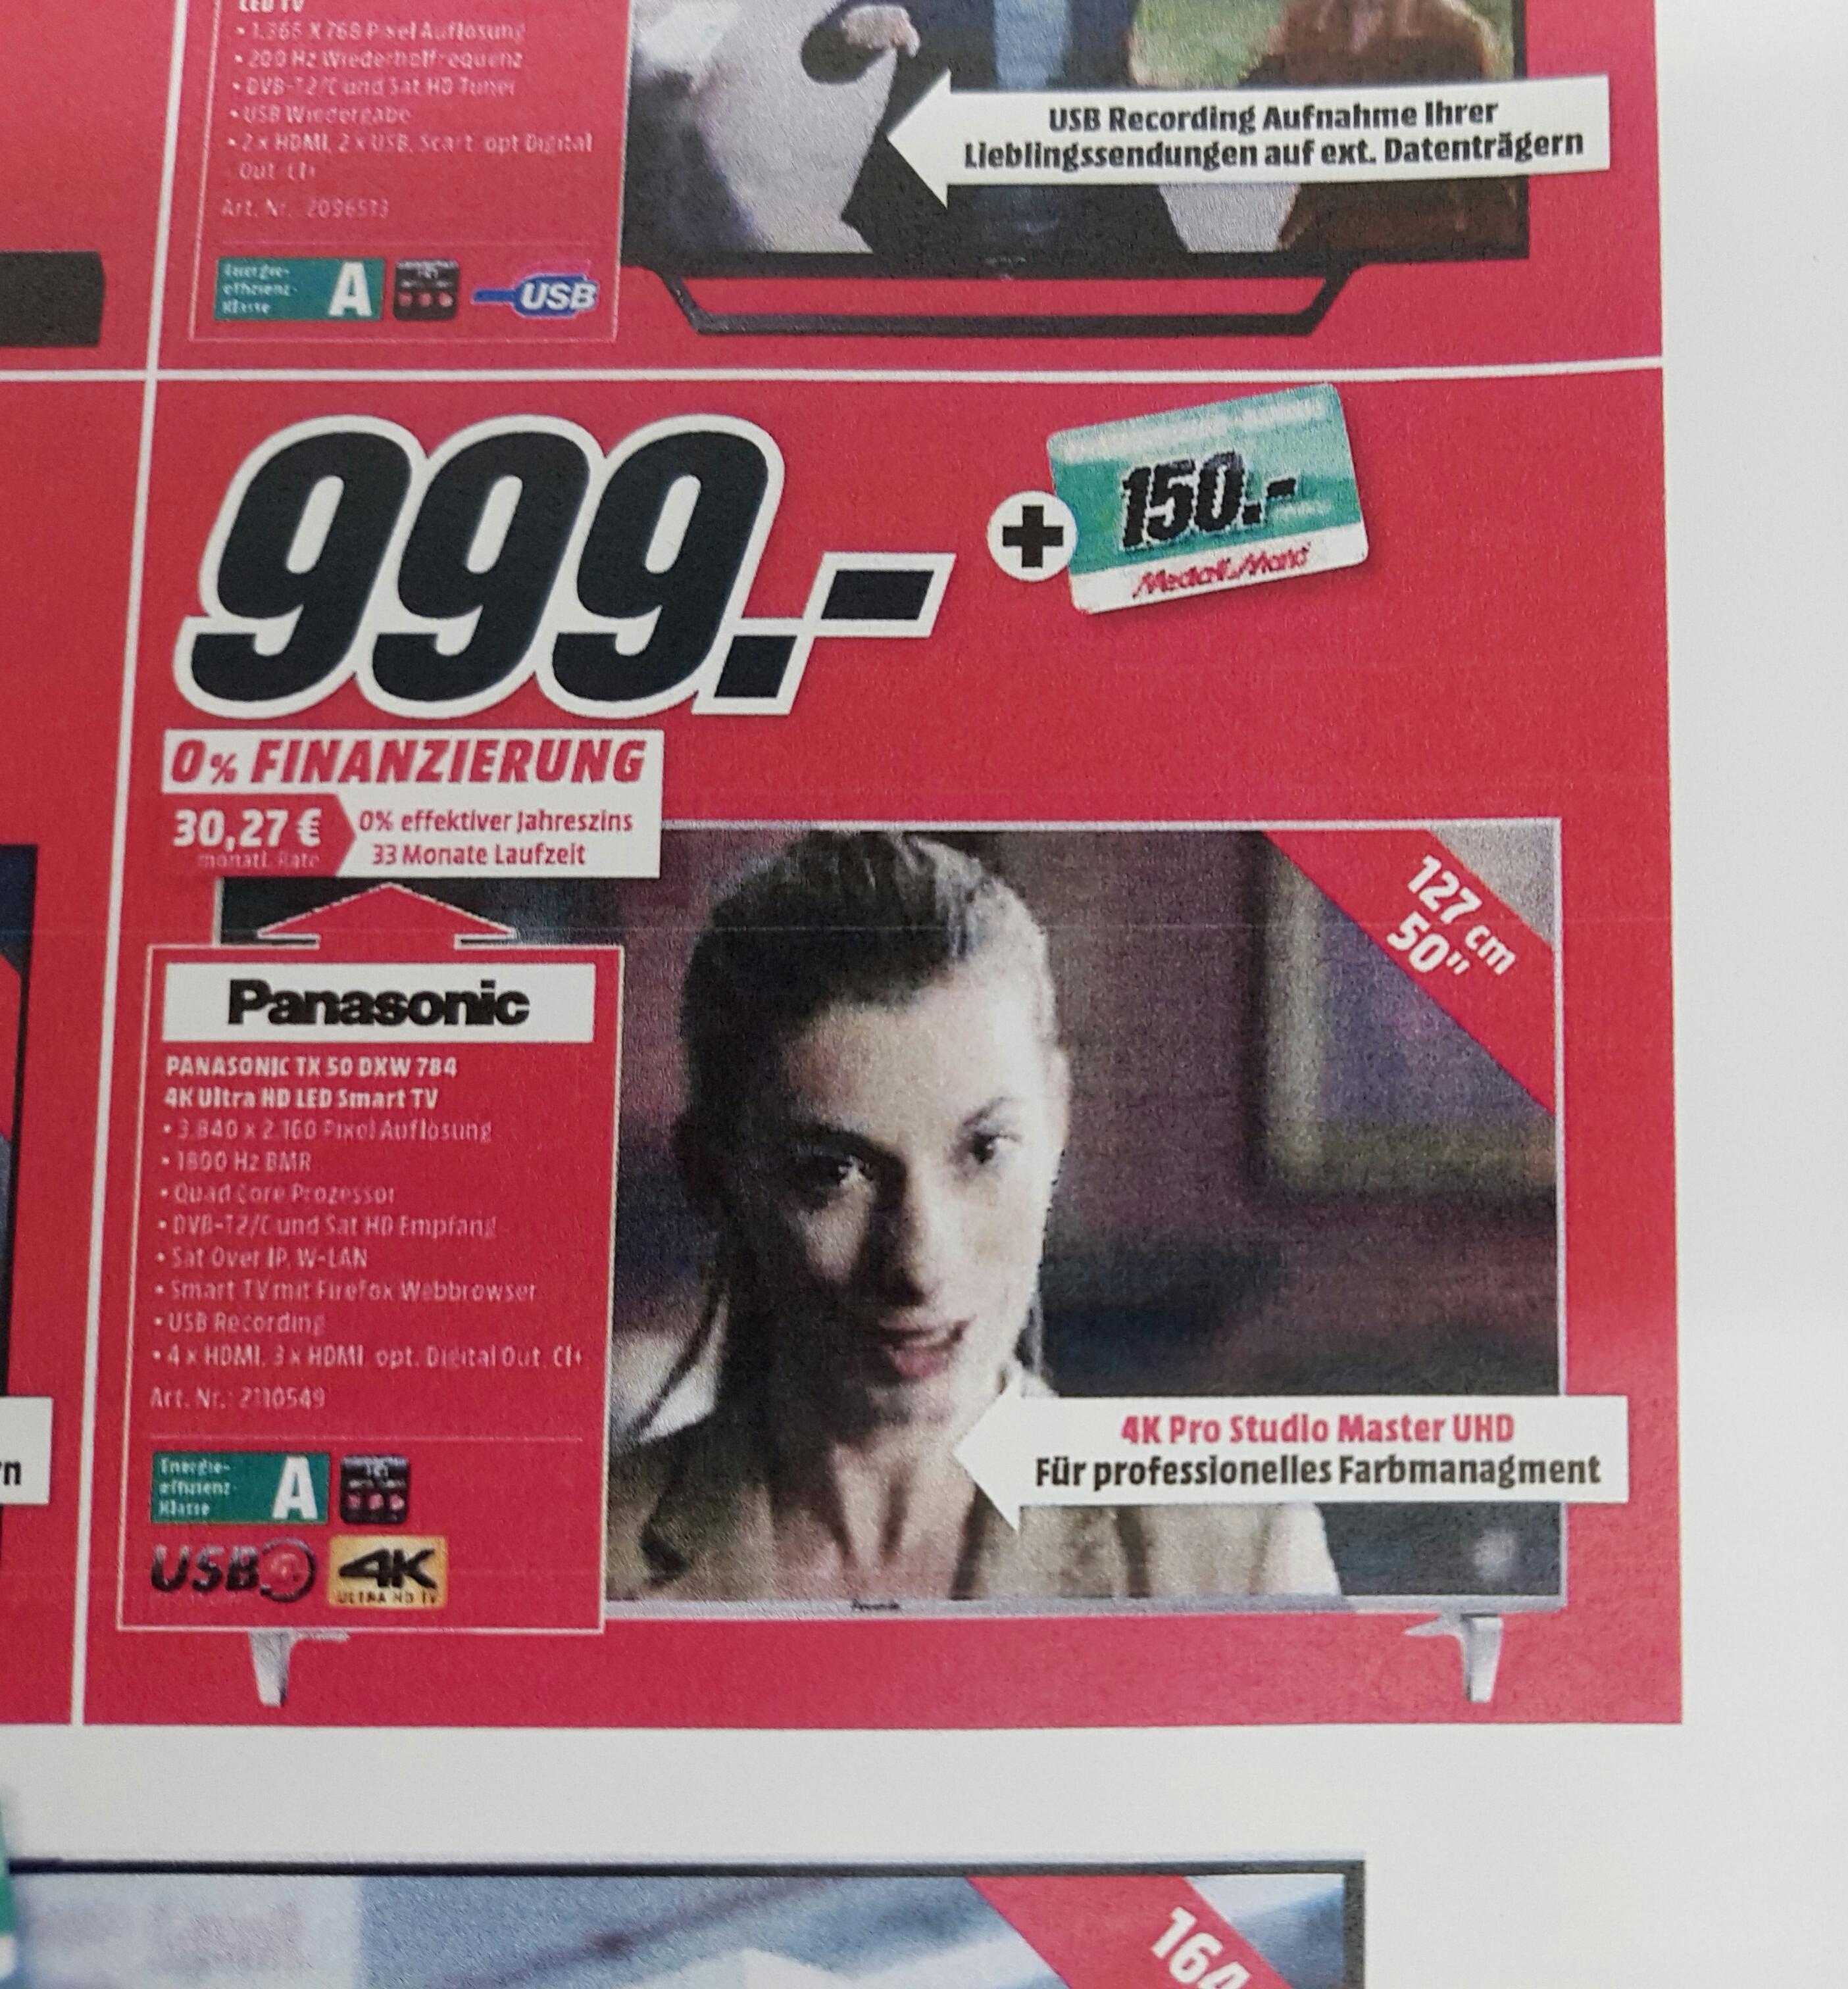 Panasonic TX-50DXW784 für 999,- + 150 euro Coupon, anstatt 1239,- / Samsung UE49KS7090 für 999,- + 150,- euro (Mediamarkt Nordhorn) Bundesweiter Versand möglich